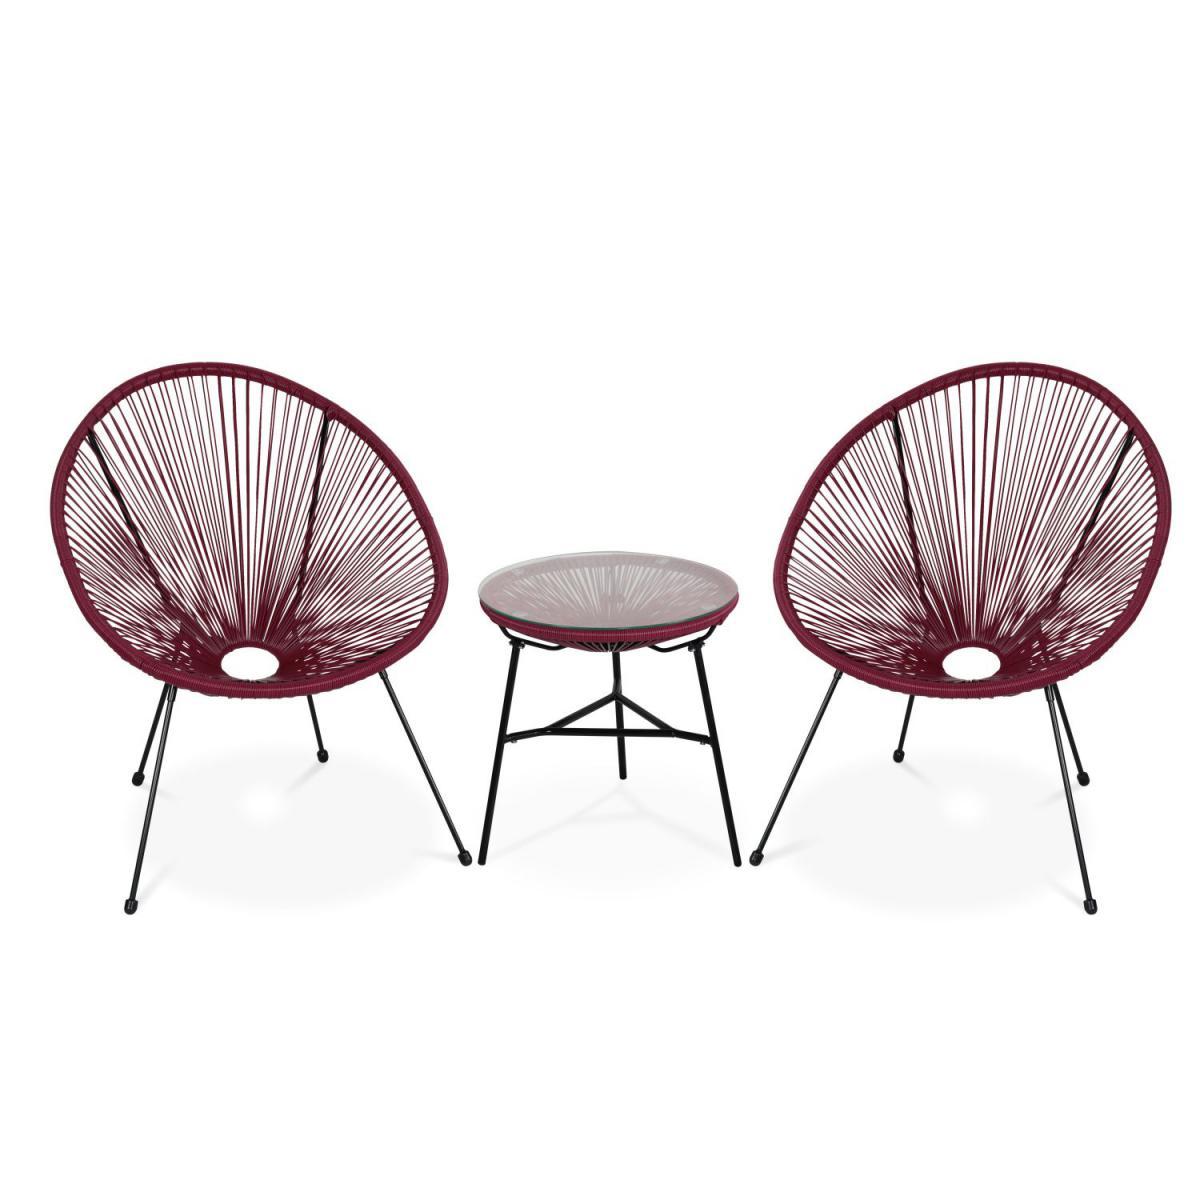 Alice'S Garden Lot de 2 fauteuils ACAPULCO forme d'oeuf avec table d'appoint - bordeaux - Fauteuils design rétro